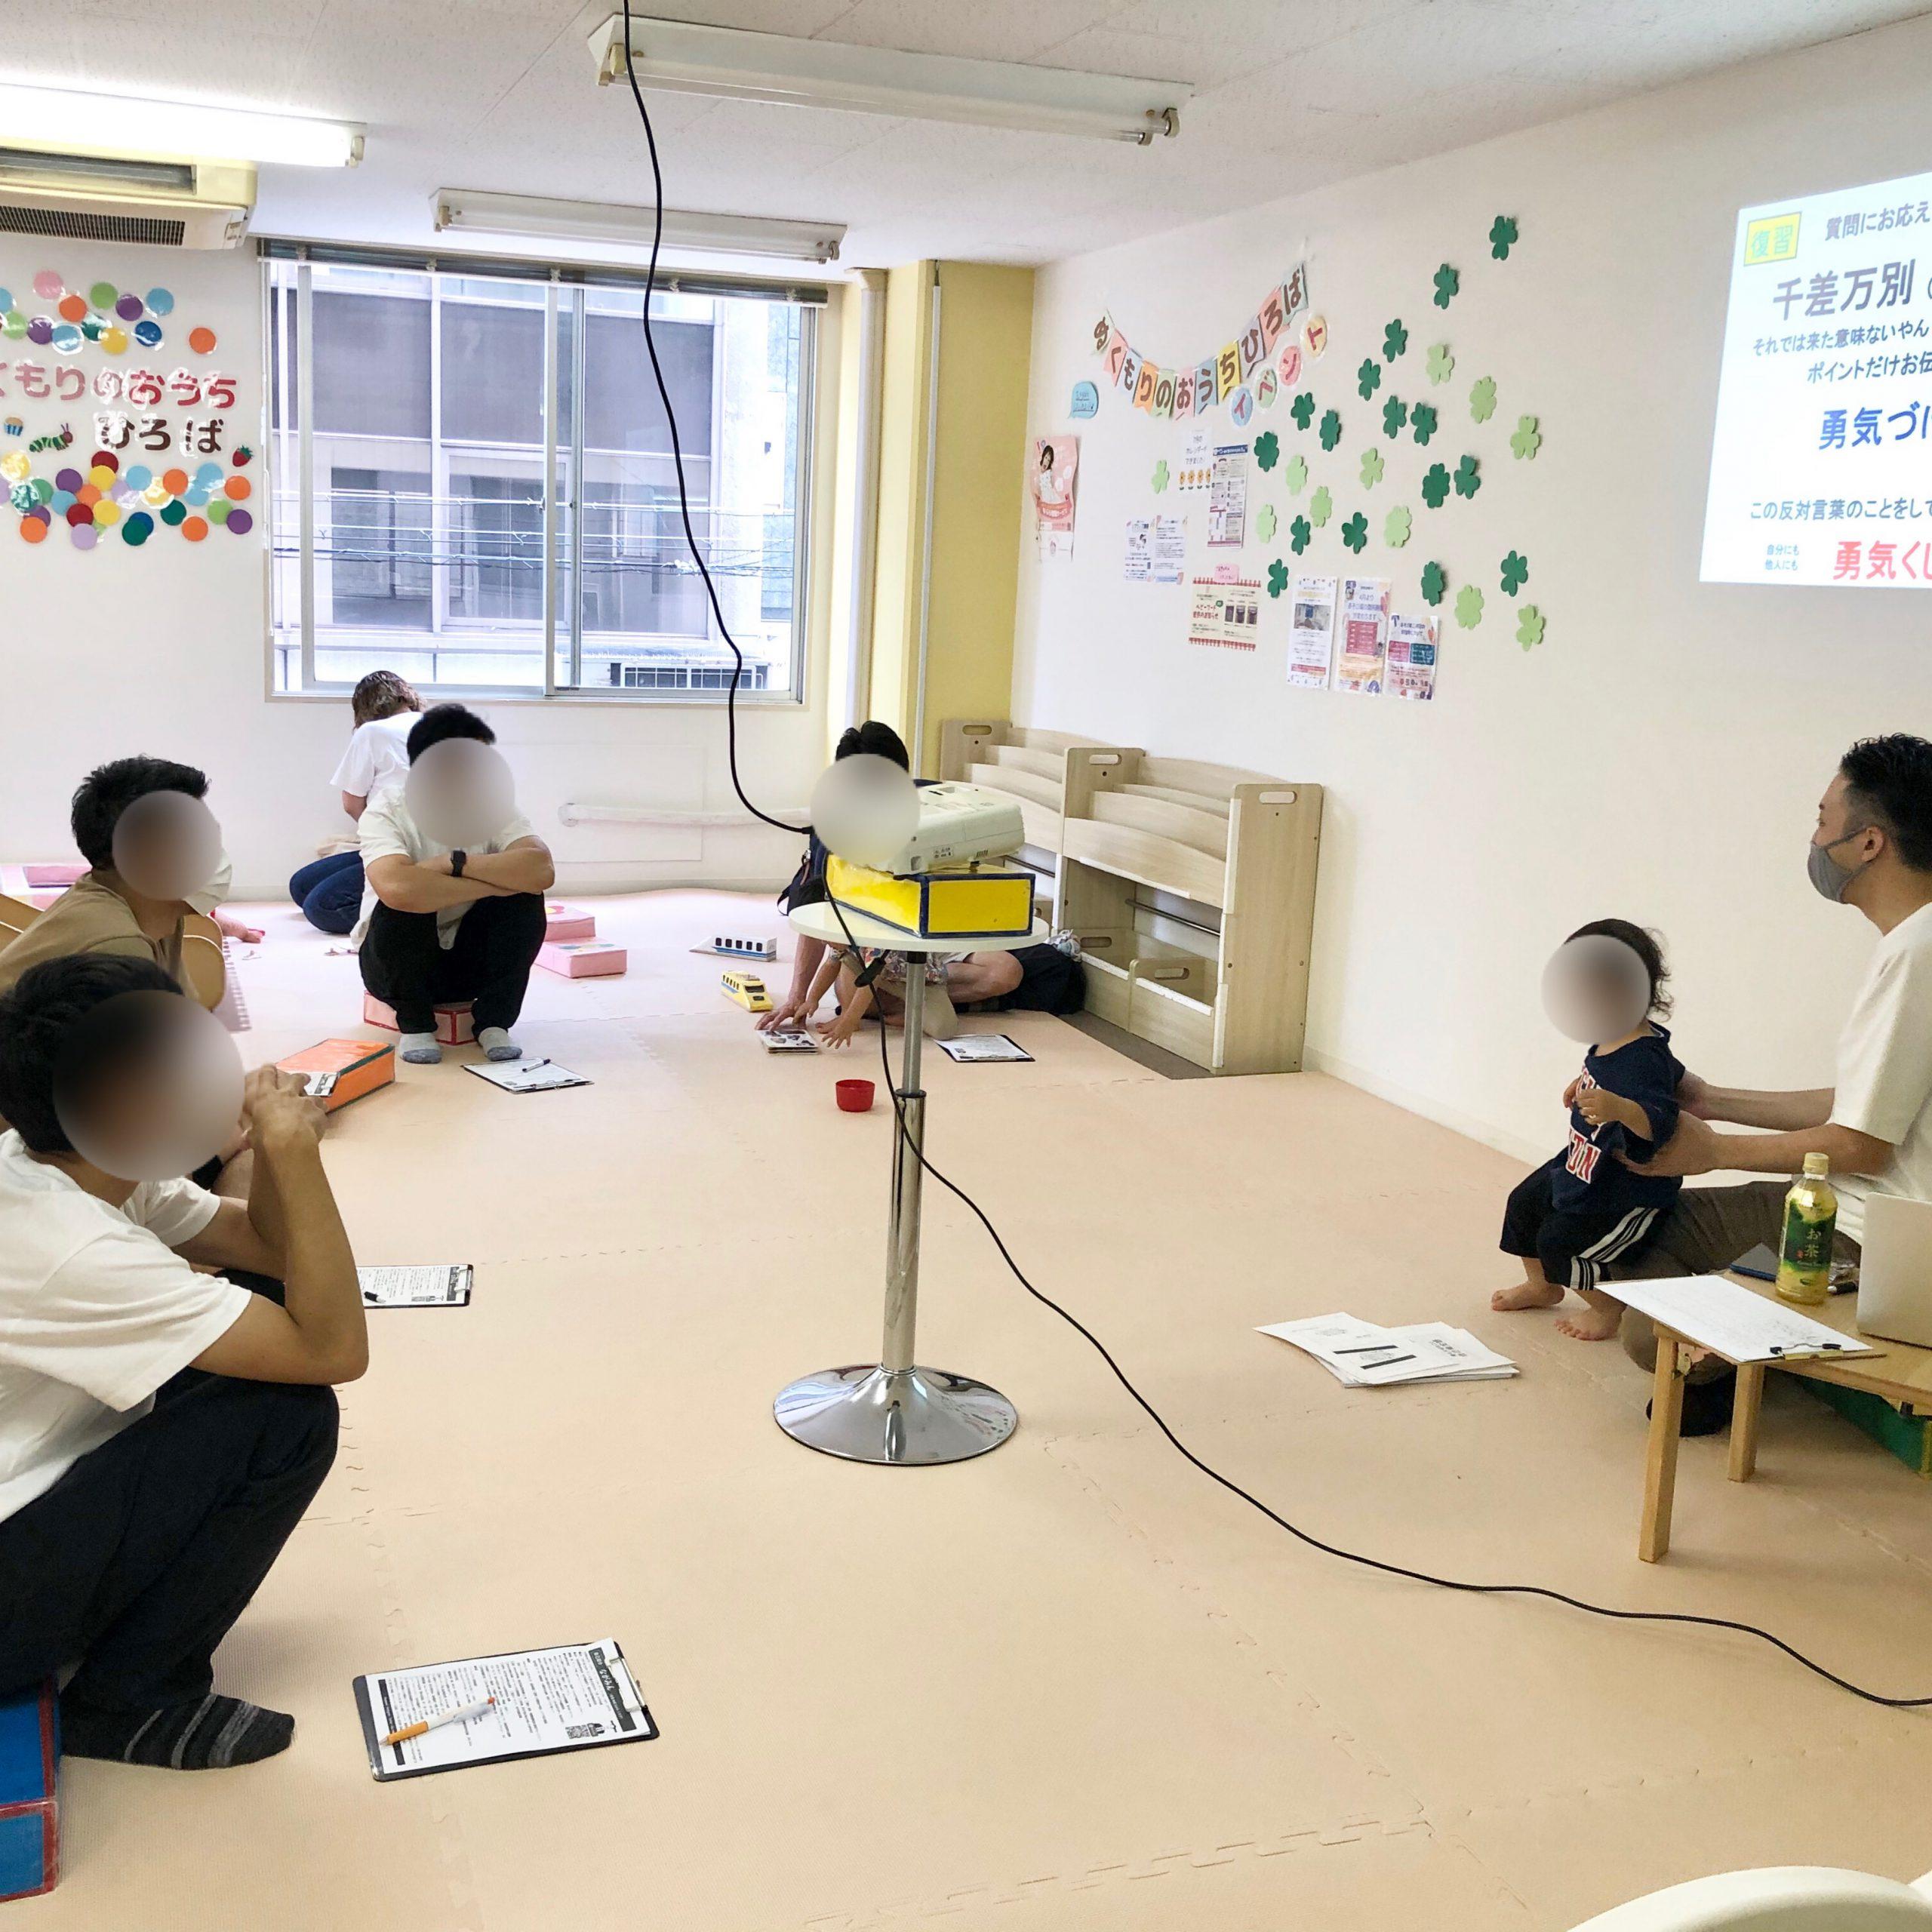 パパとくつろぎの日×ひろばdeスクール 合同開催!~パパと遊ぼう会&リブウィズ講座~